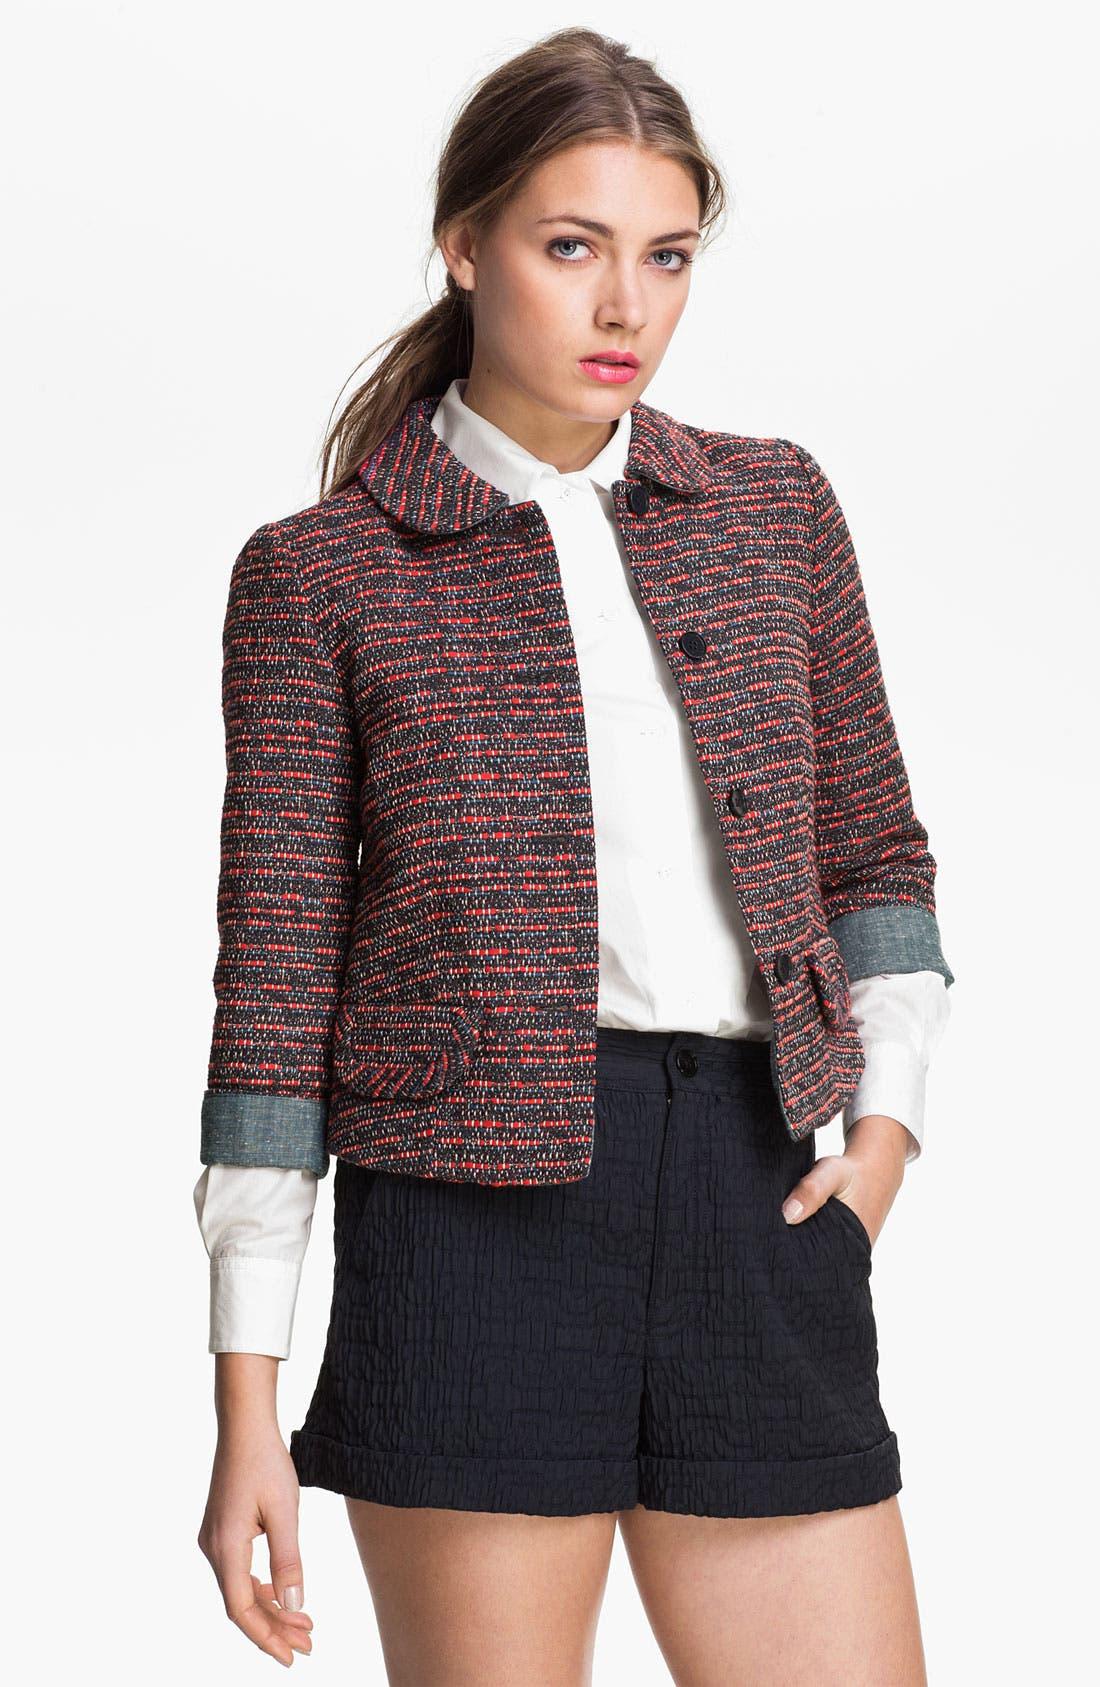 Alternate Image 1 Selected - MARC BY MARC JACOBS 'Miranda' Tweed Jacket